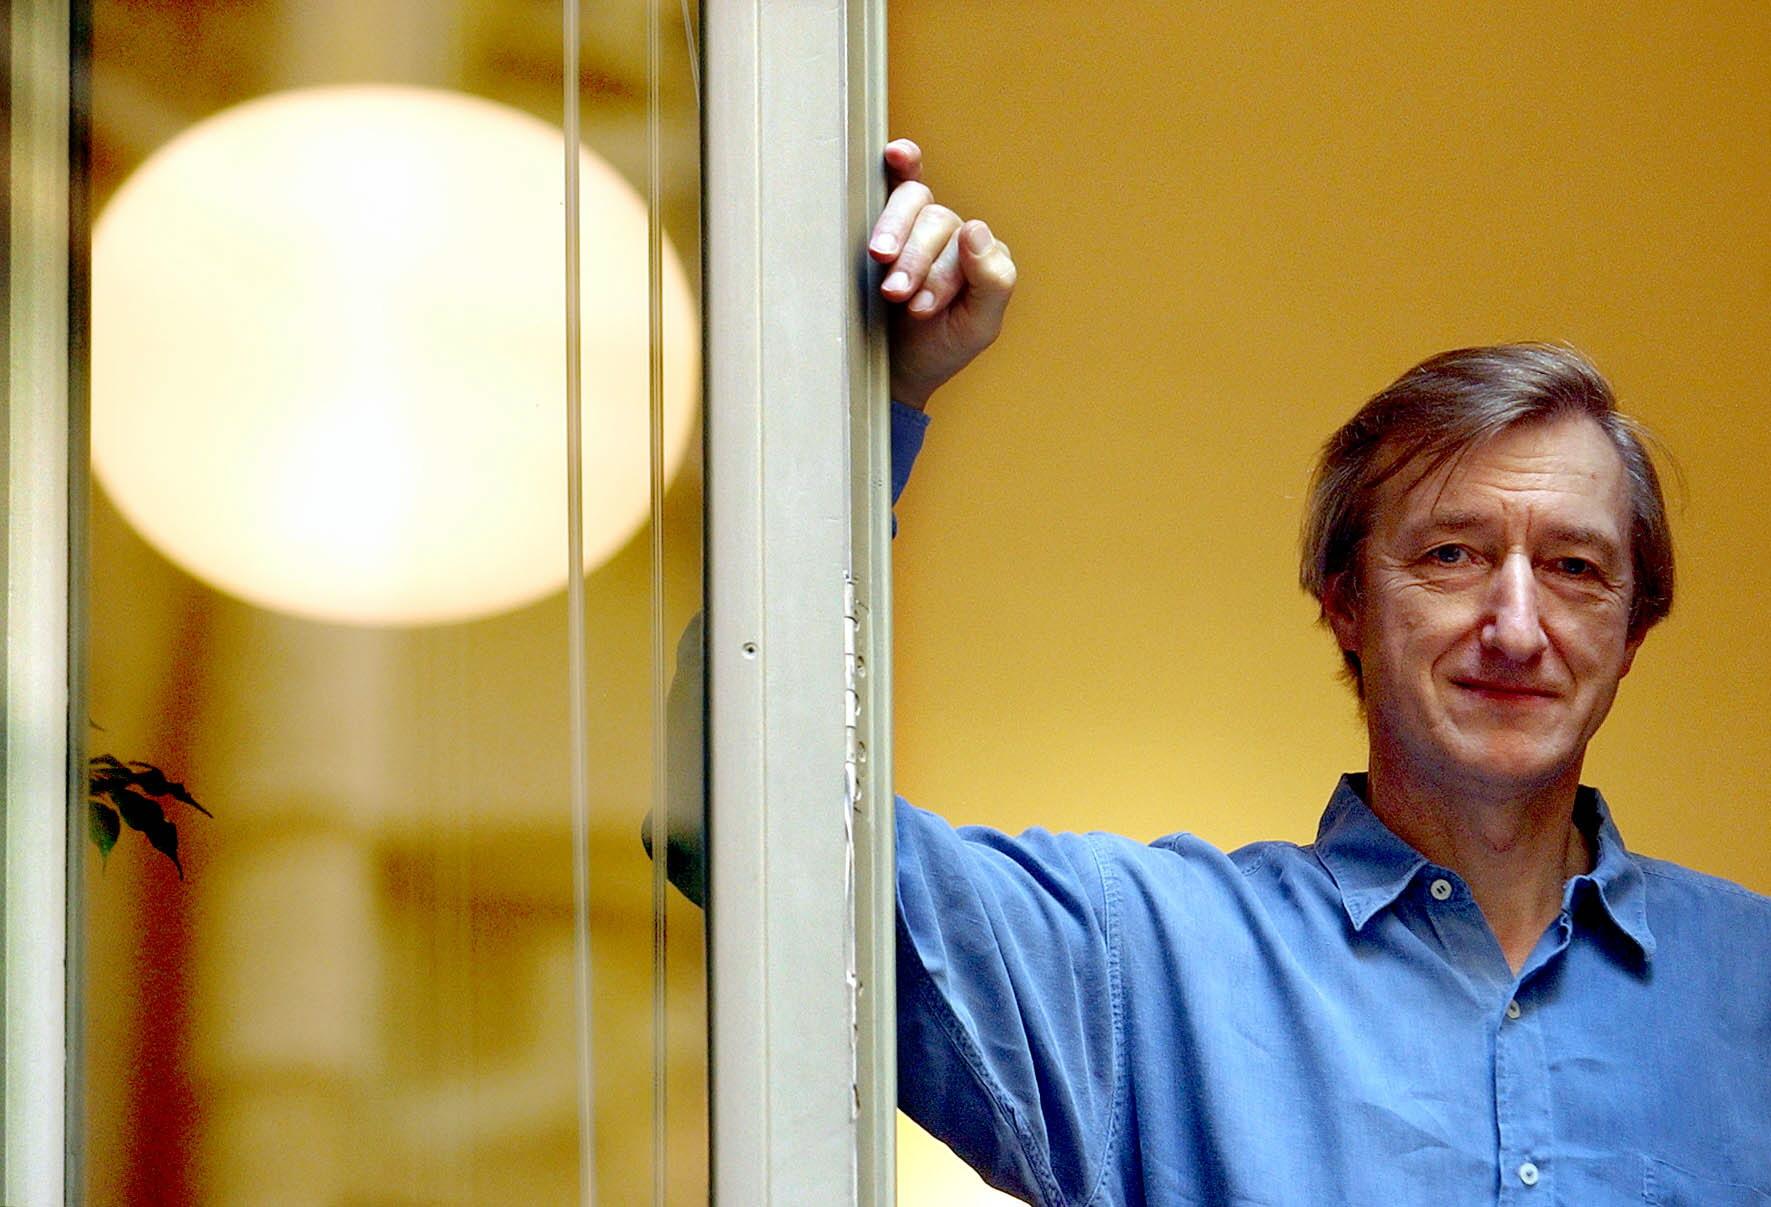 L'escriptor britànic Julian Barnes, en una imatge d'arxiu a Barcelona. Foto: EFE / Alberto Estévez